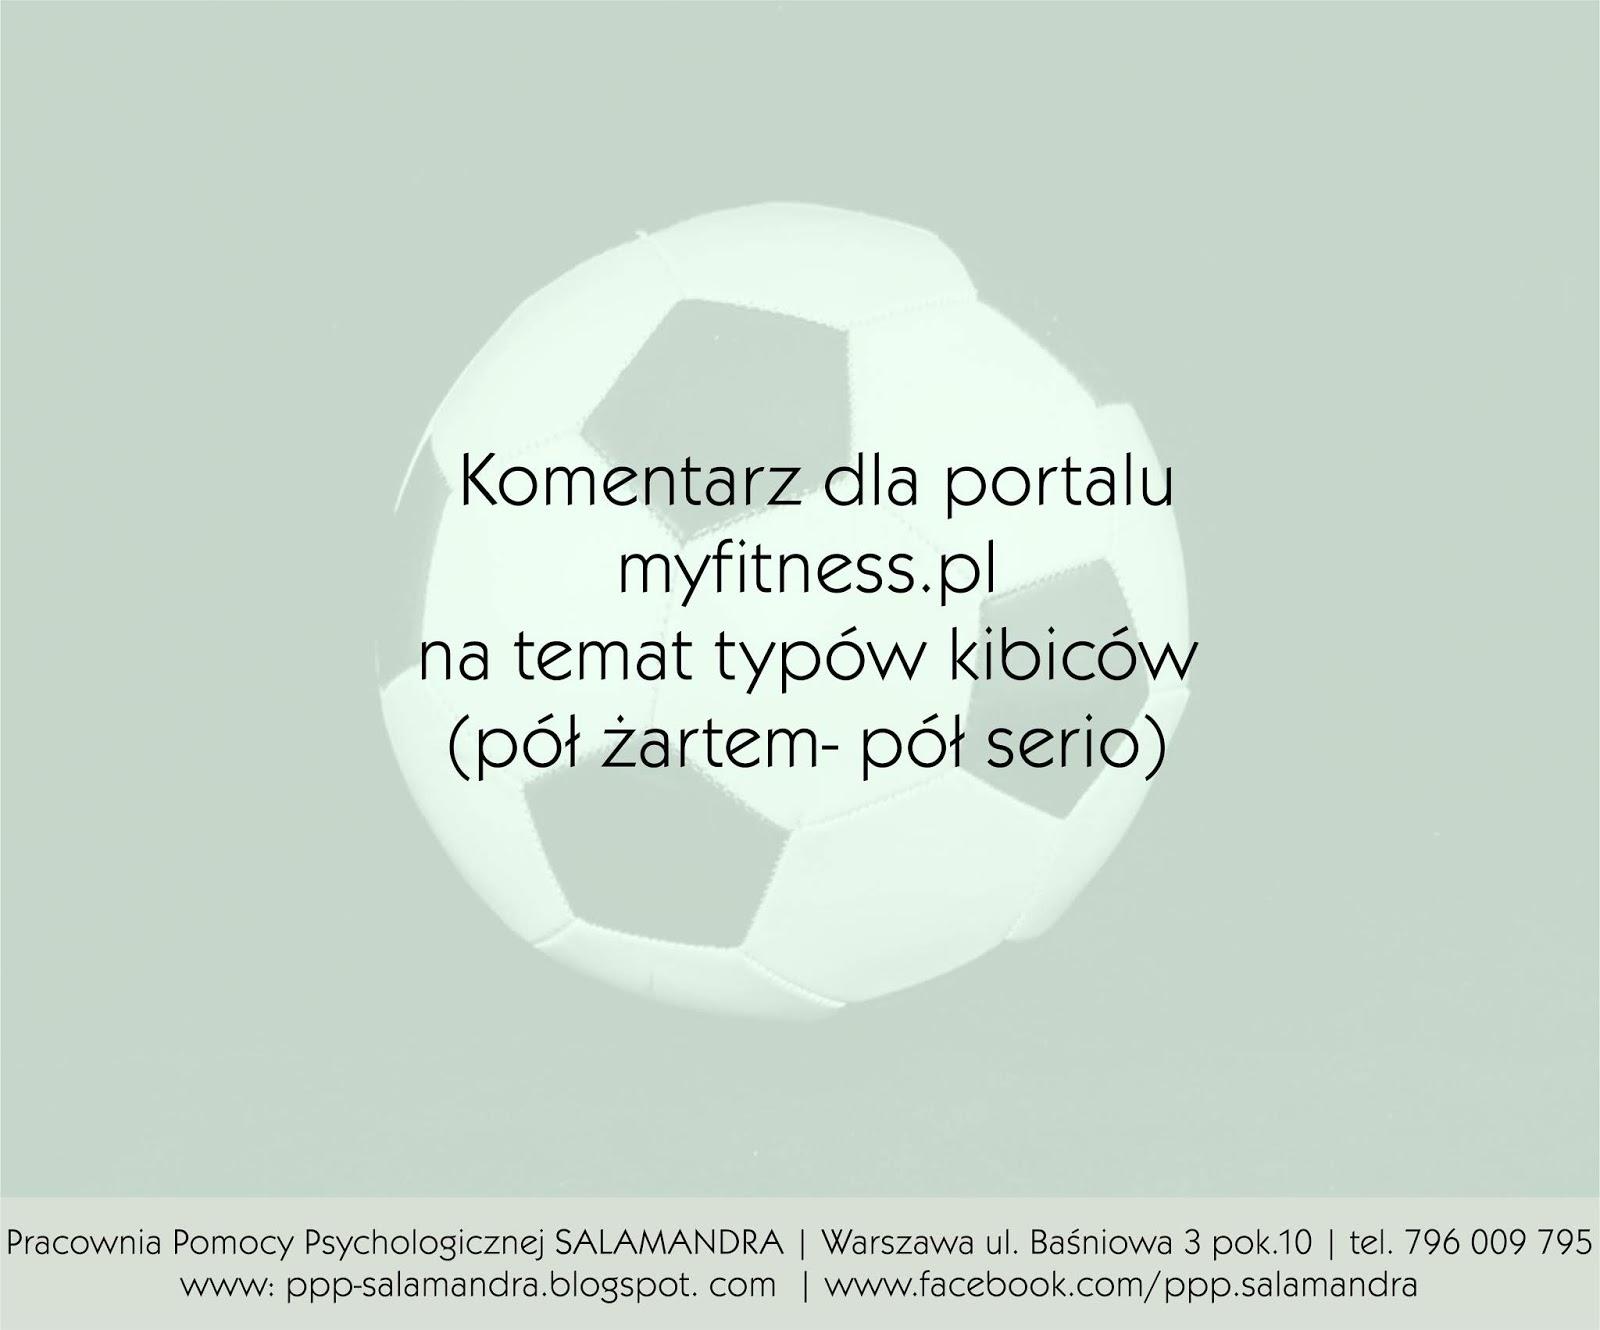 Najbardziej irytujące typy kibiców piłkarskich - komentarz psychologa dla myfitness.pl